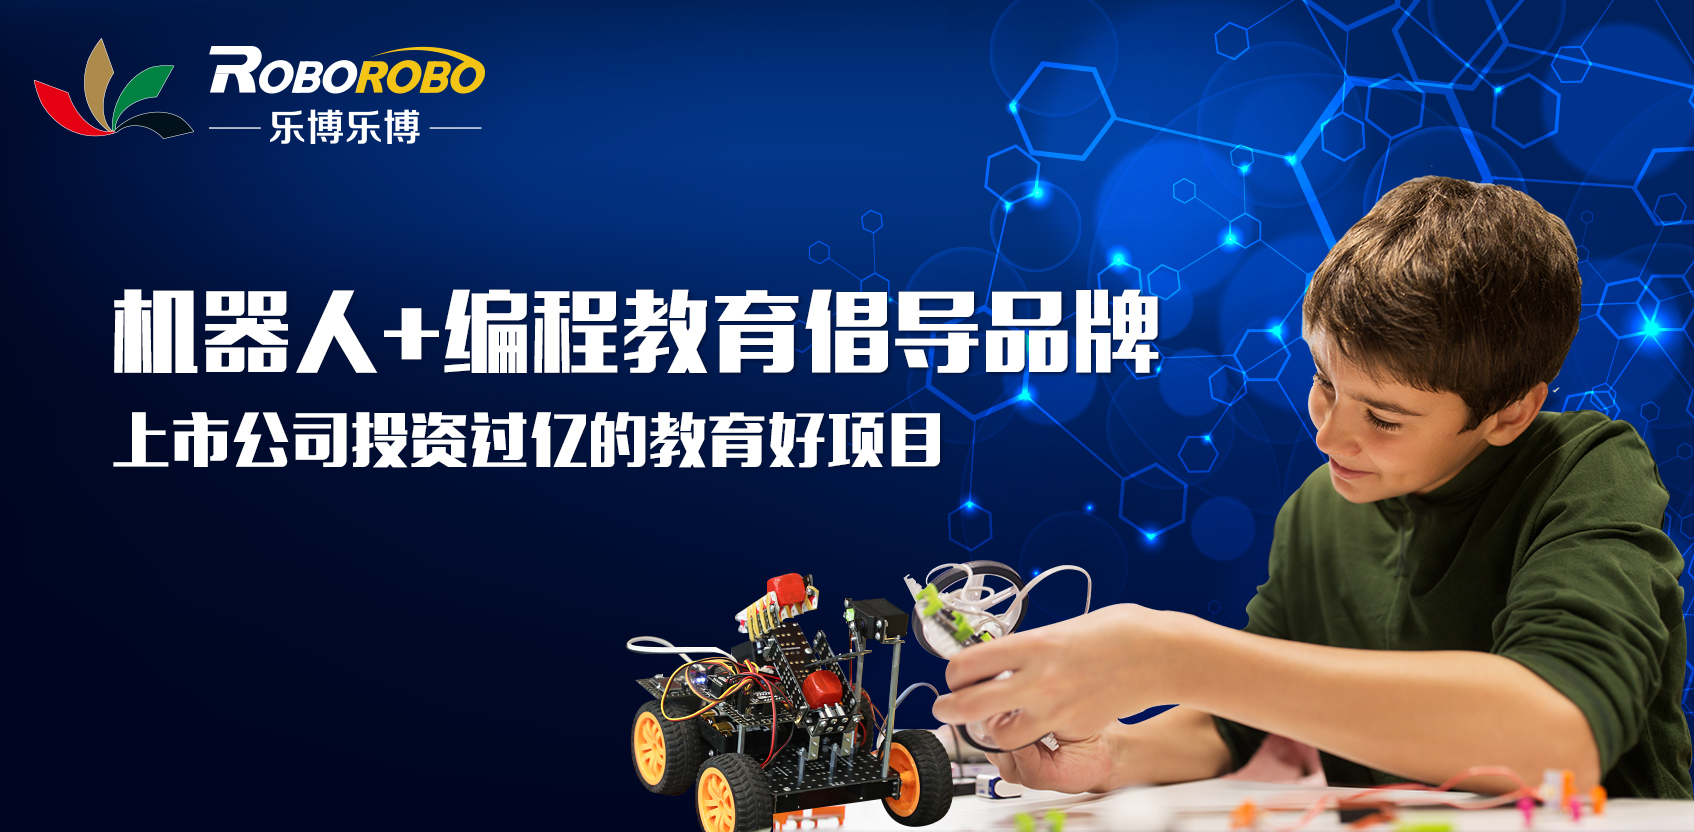 樂博樂博:上市公司投資過億,機器人編程實力品牌誠邀加盟